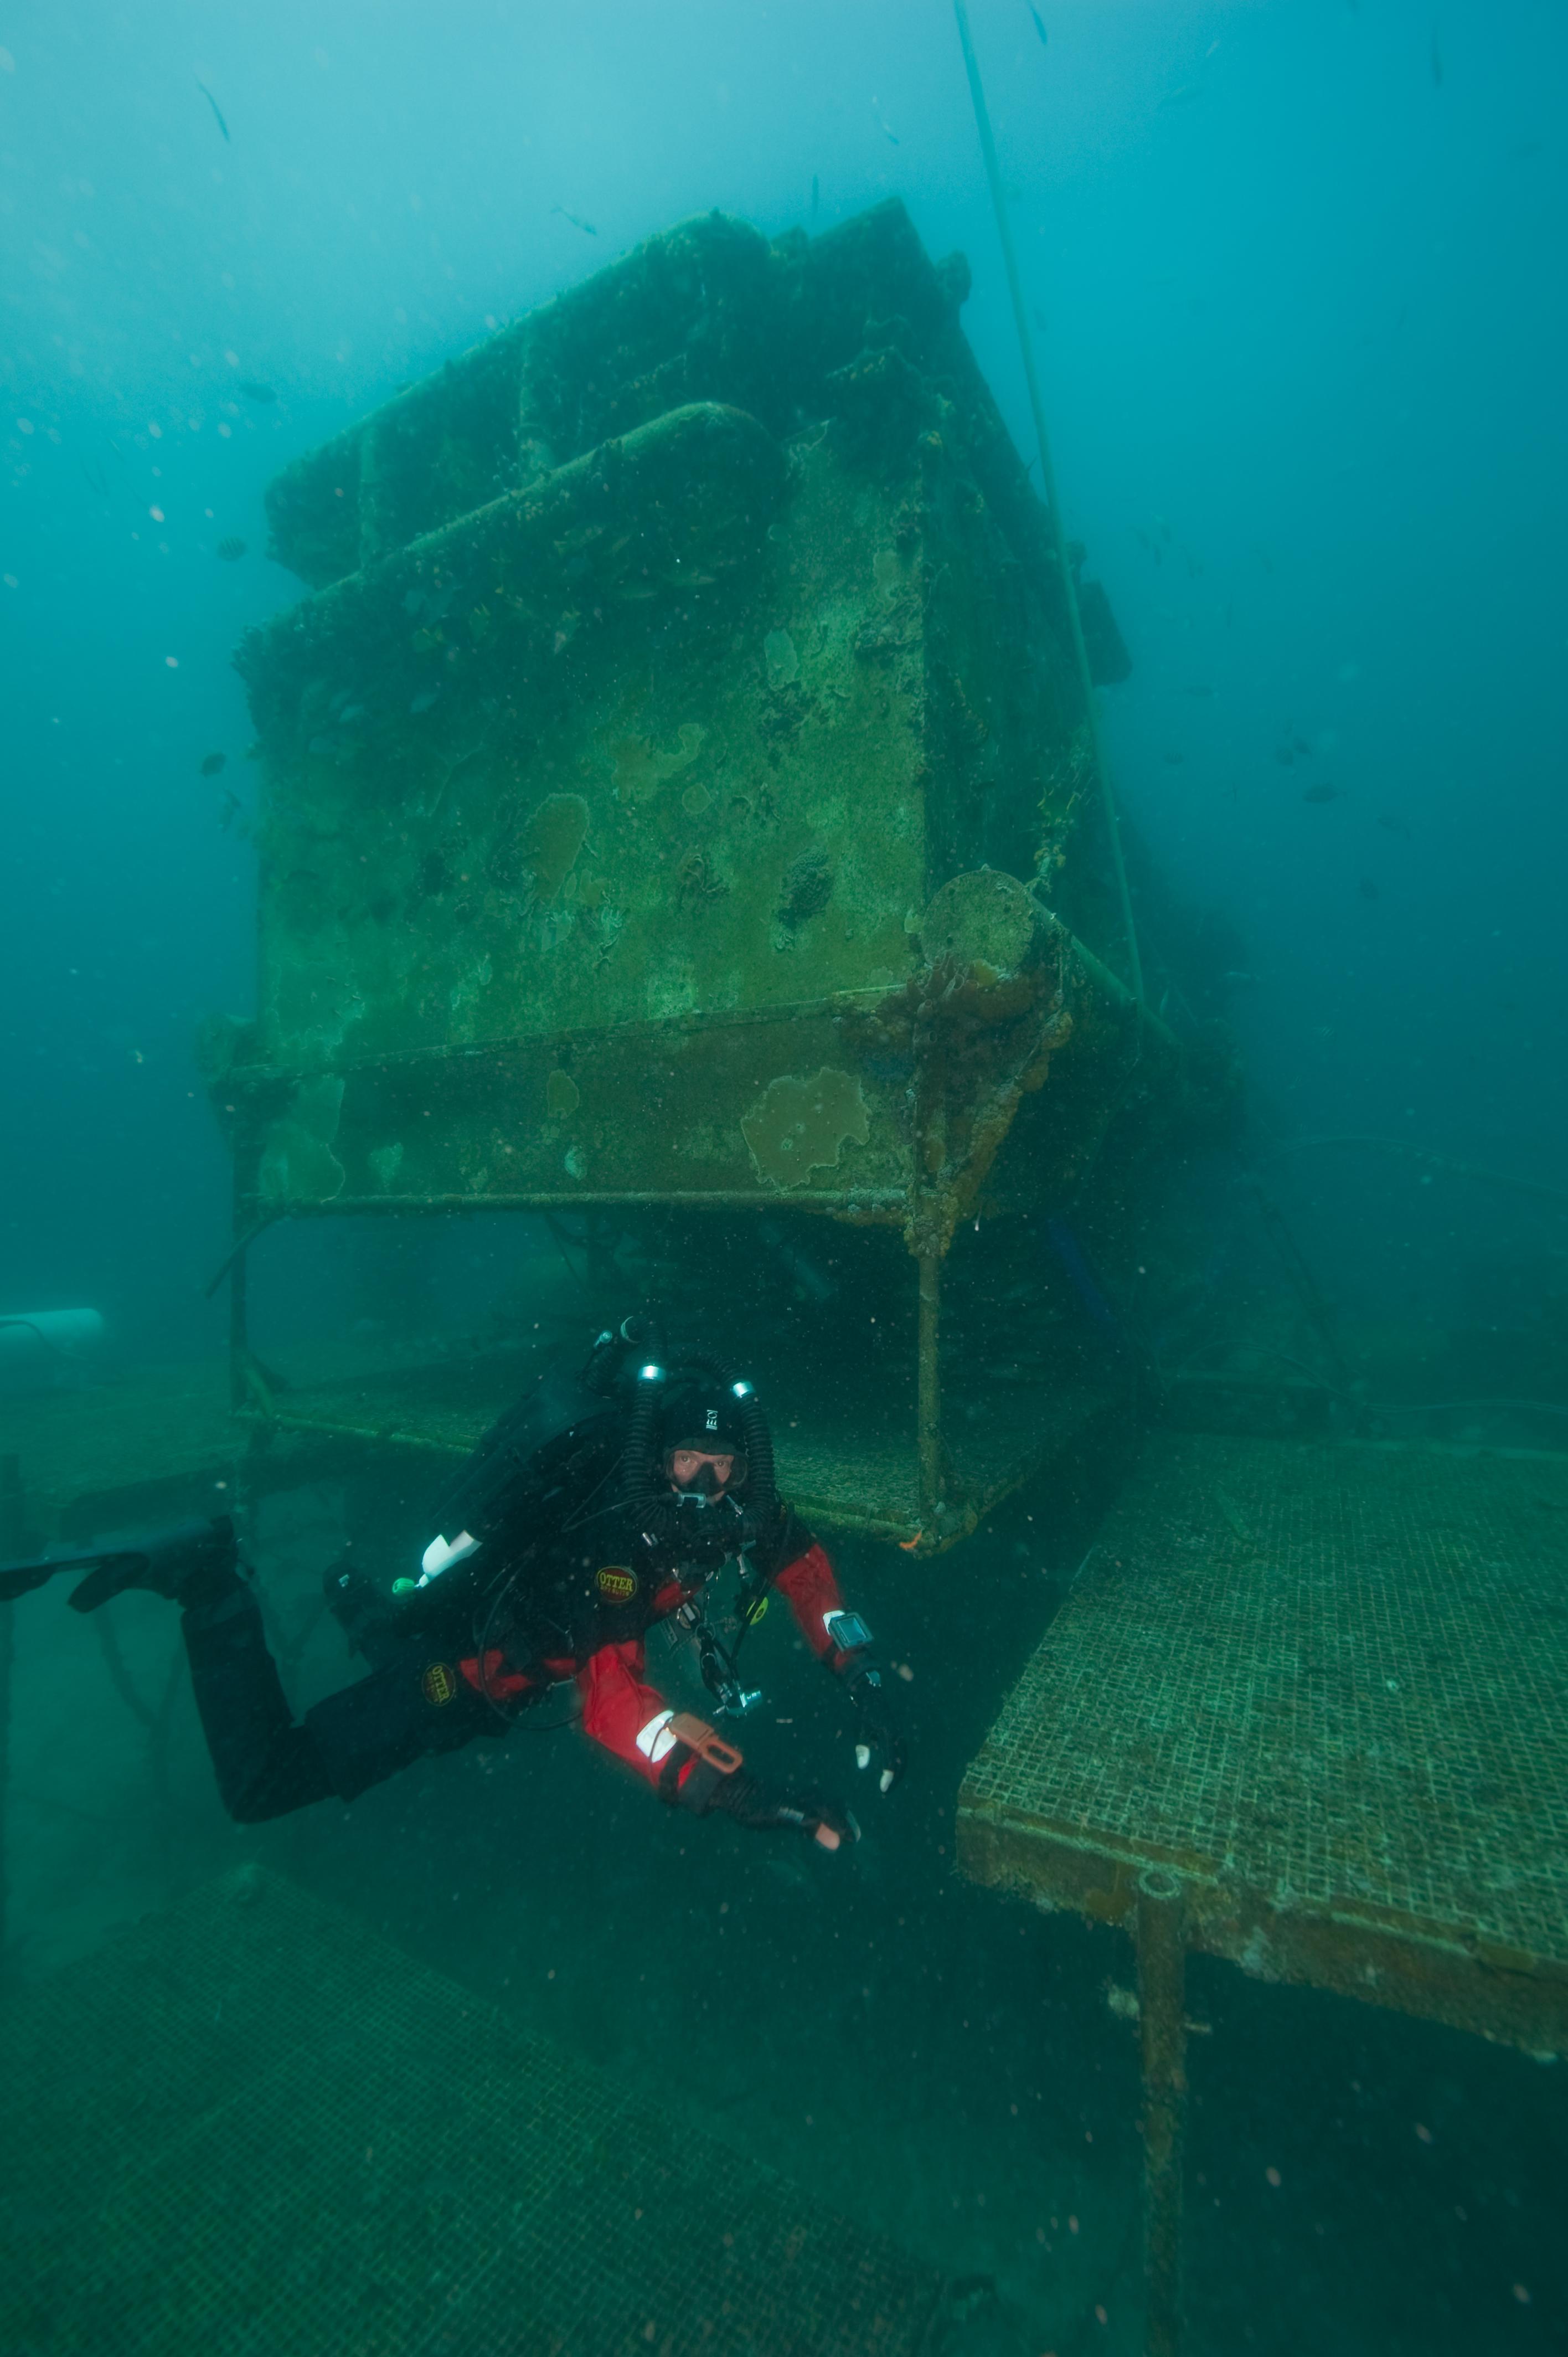 Phil Short at the Aquarius habitat in Key Largo